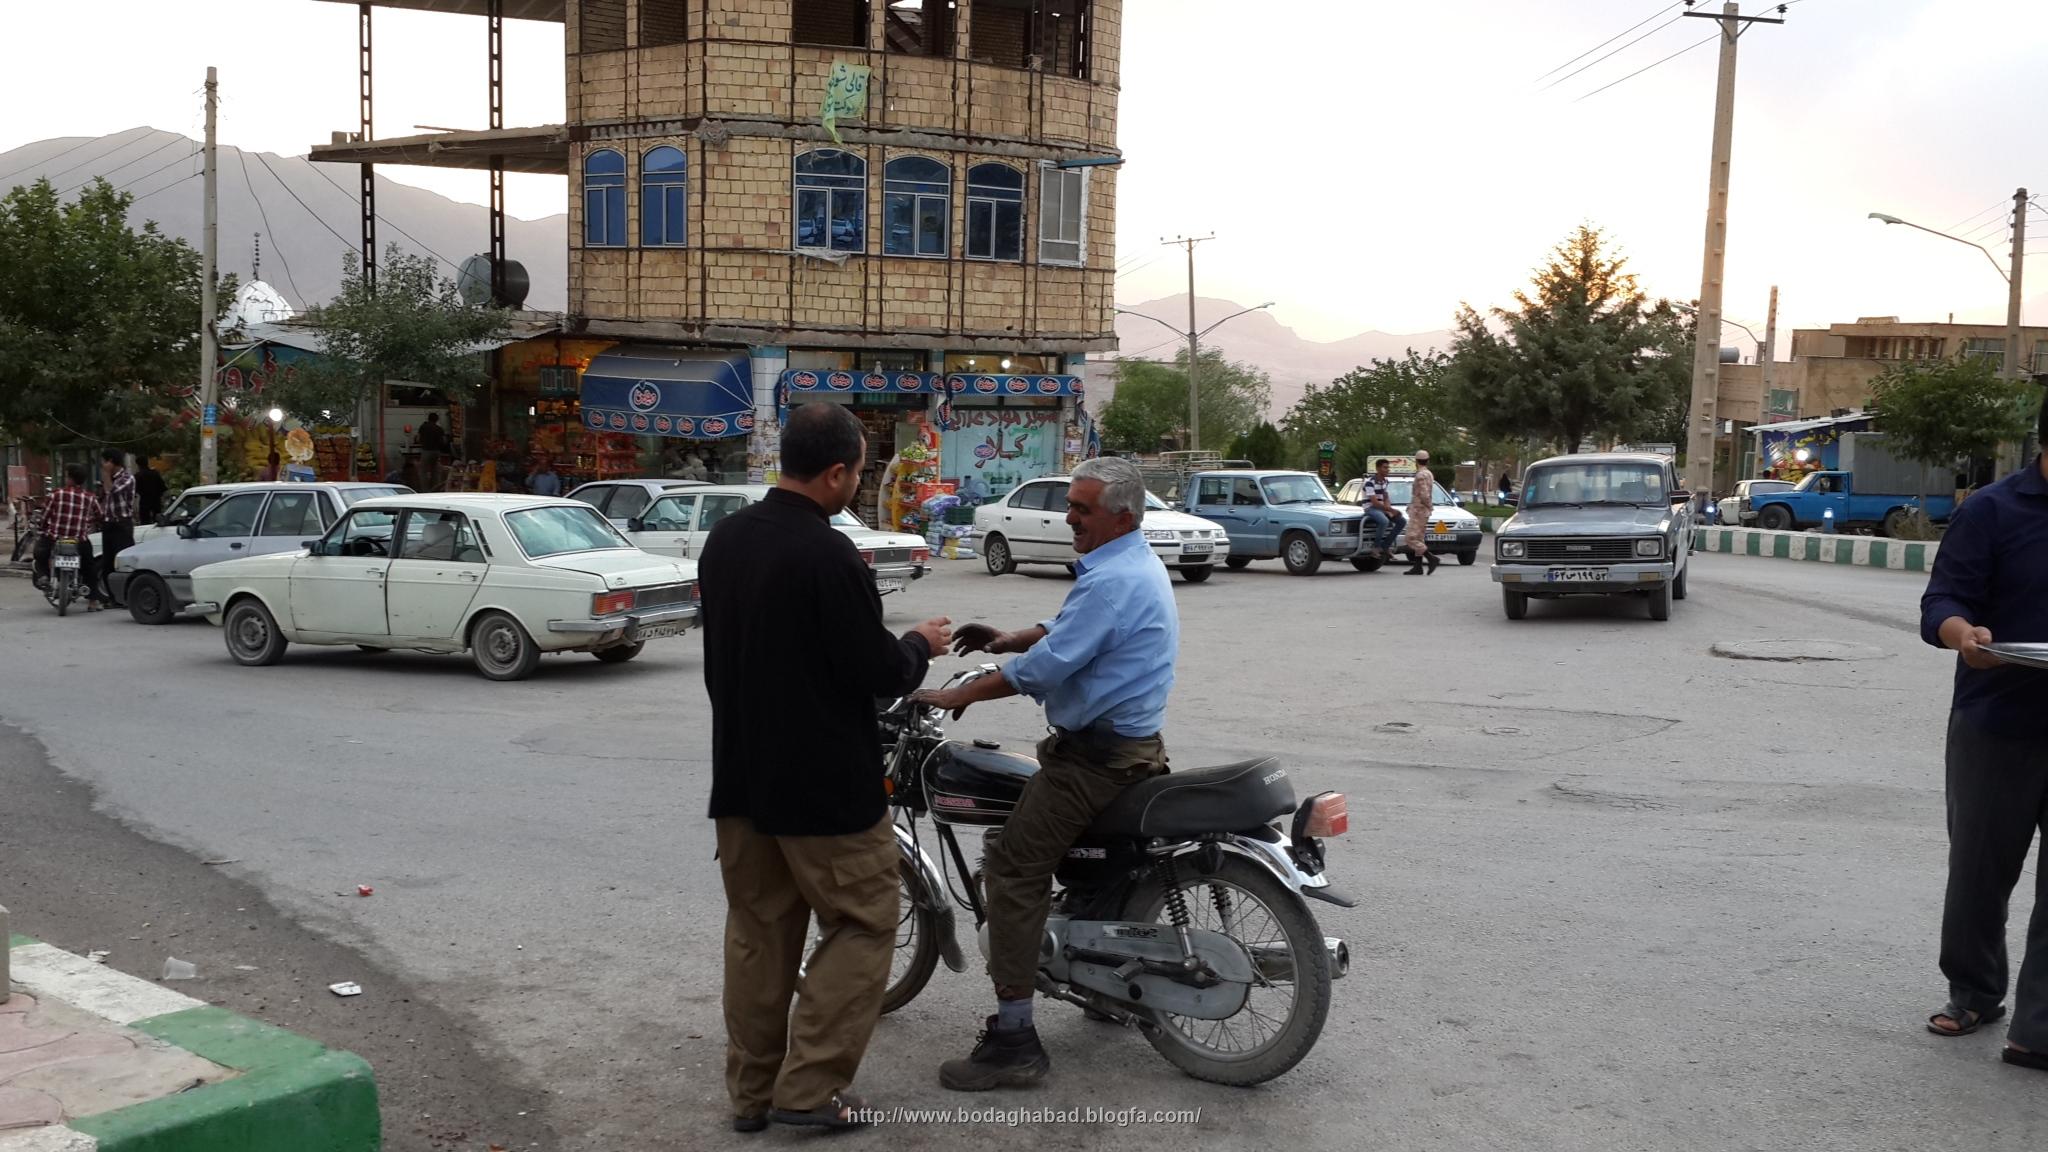 ناغان+ گروه جهادی+شباب الزهرا+زرین شهر،سیدجواد موسوی،بداغ آباد